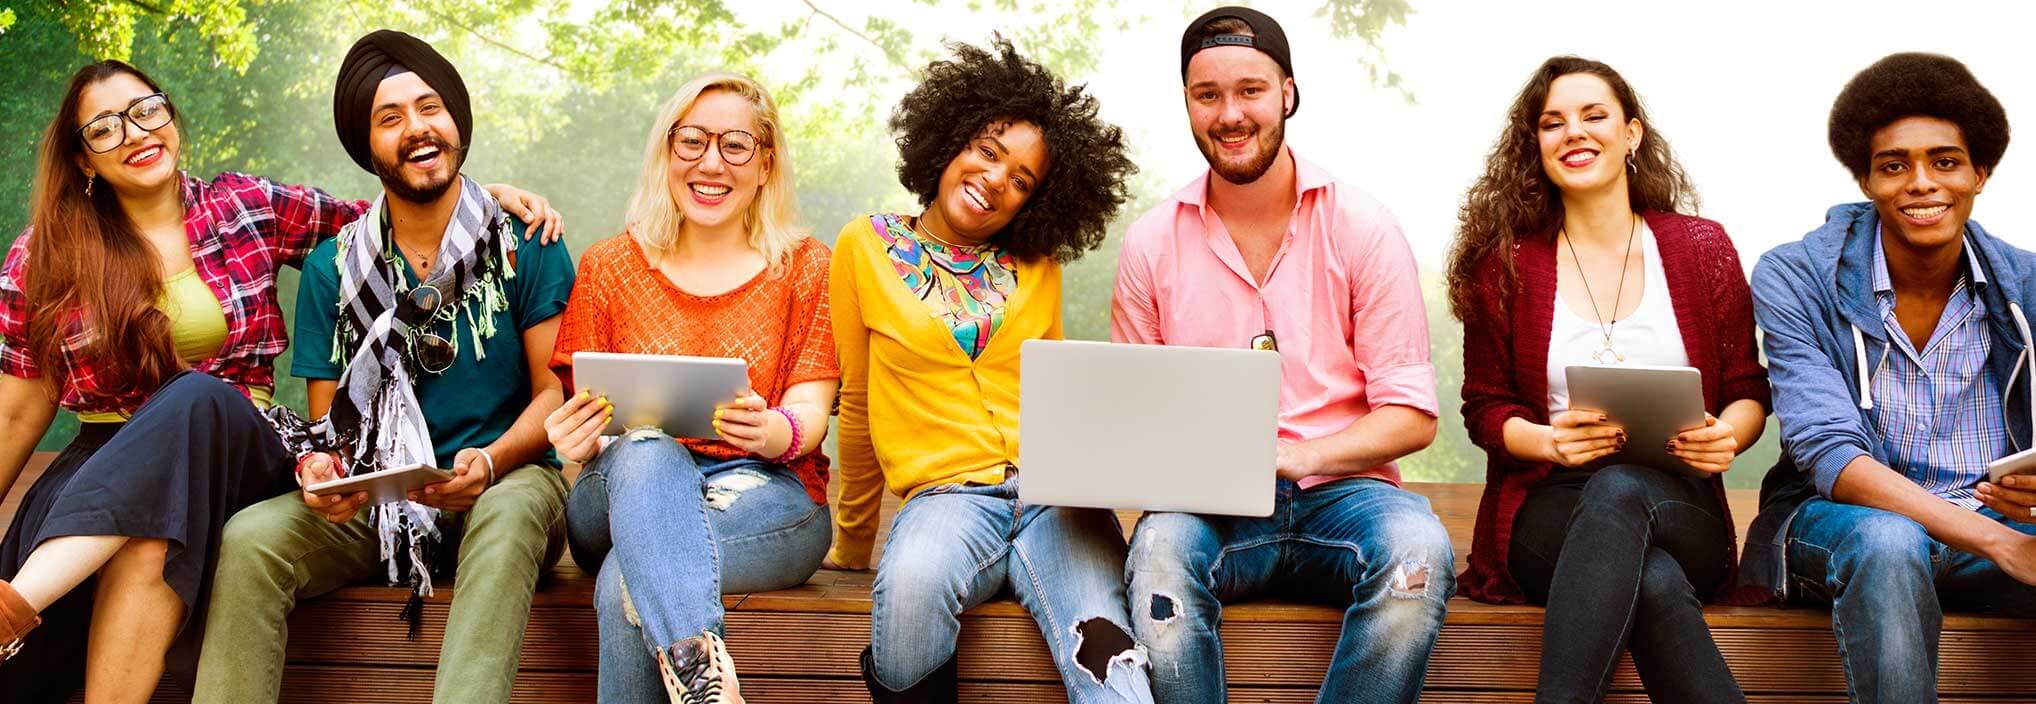 Bild 7 junge Menschen sitzen auf einer Bank